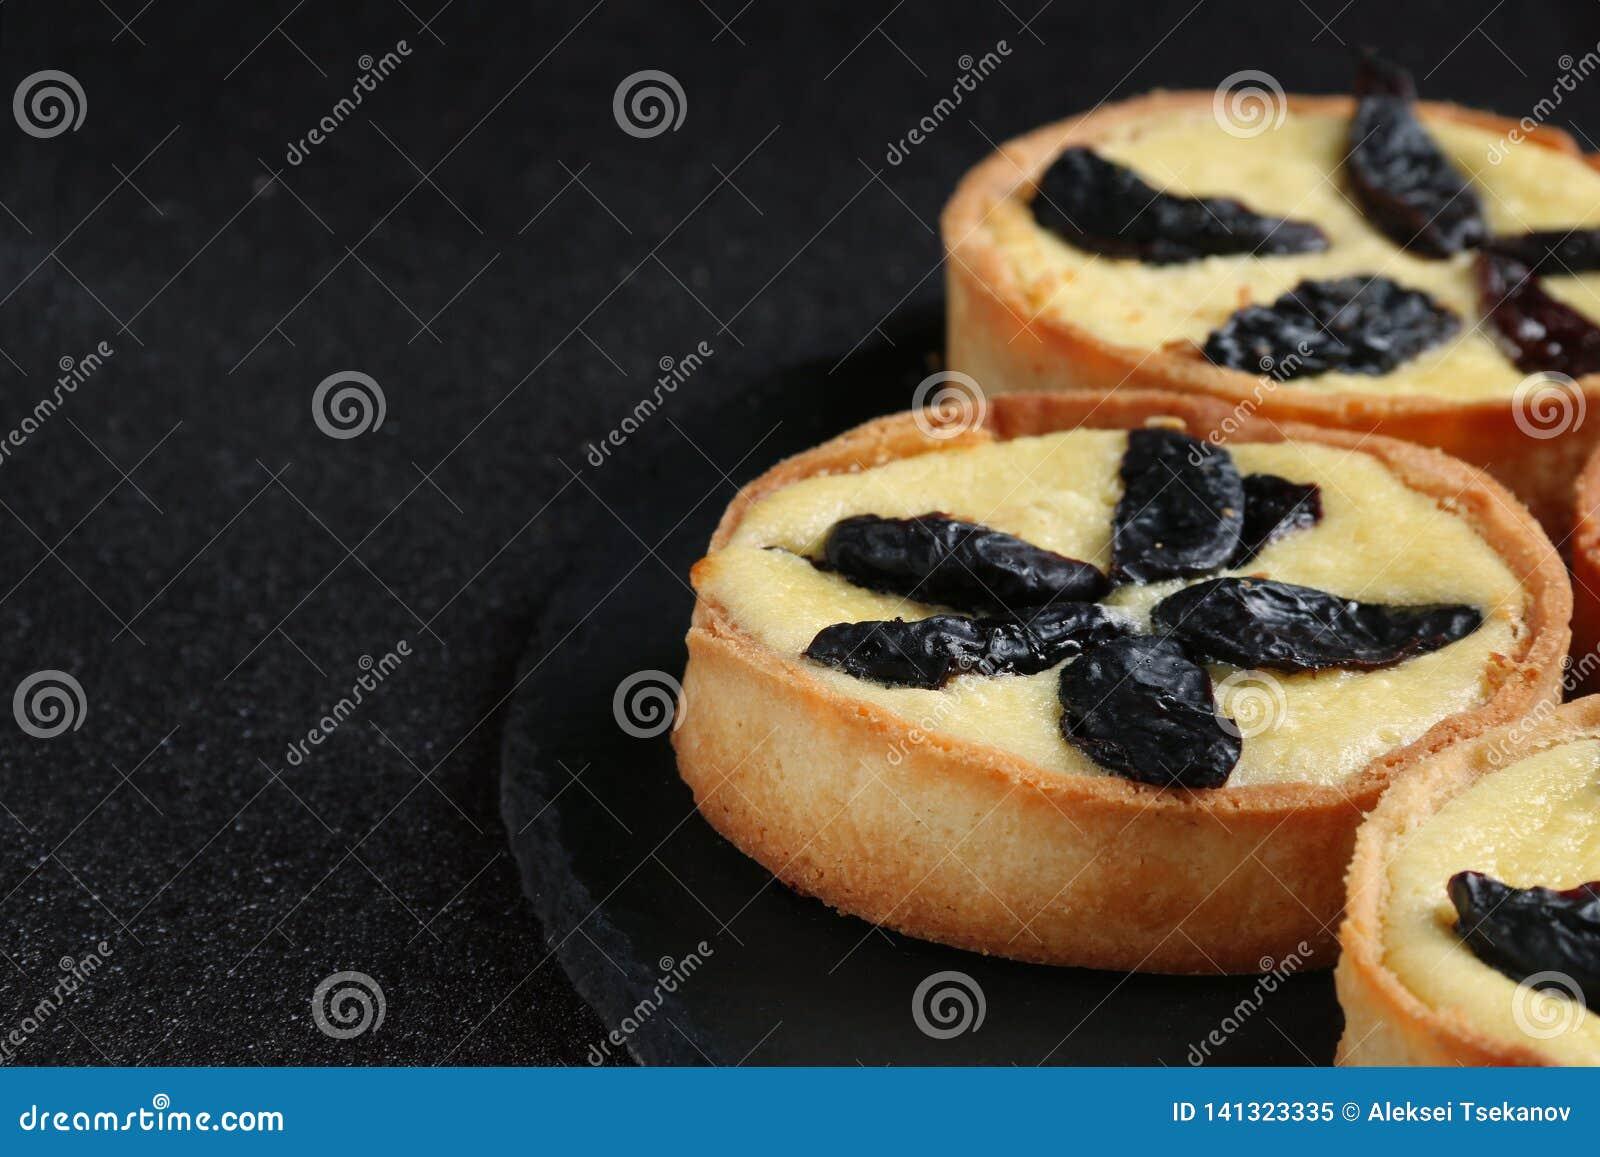 Ξινός με ξινό στενό επάνω κρέμας στο σκοτεινό υπόβαθρο cheesecake στο πιάτο πλακών